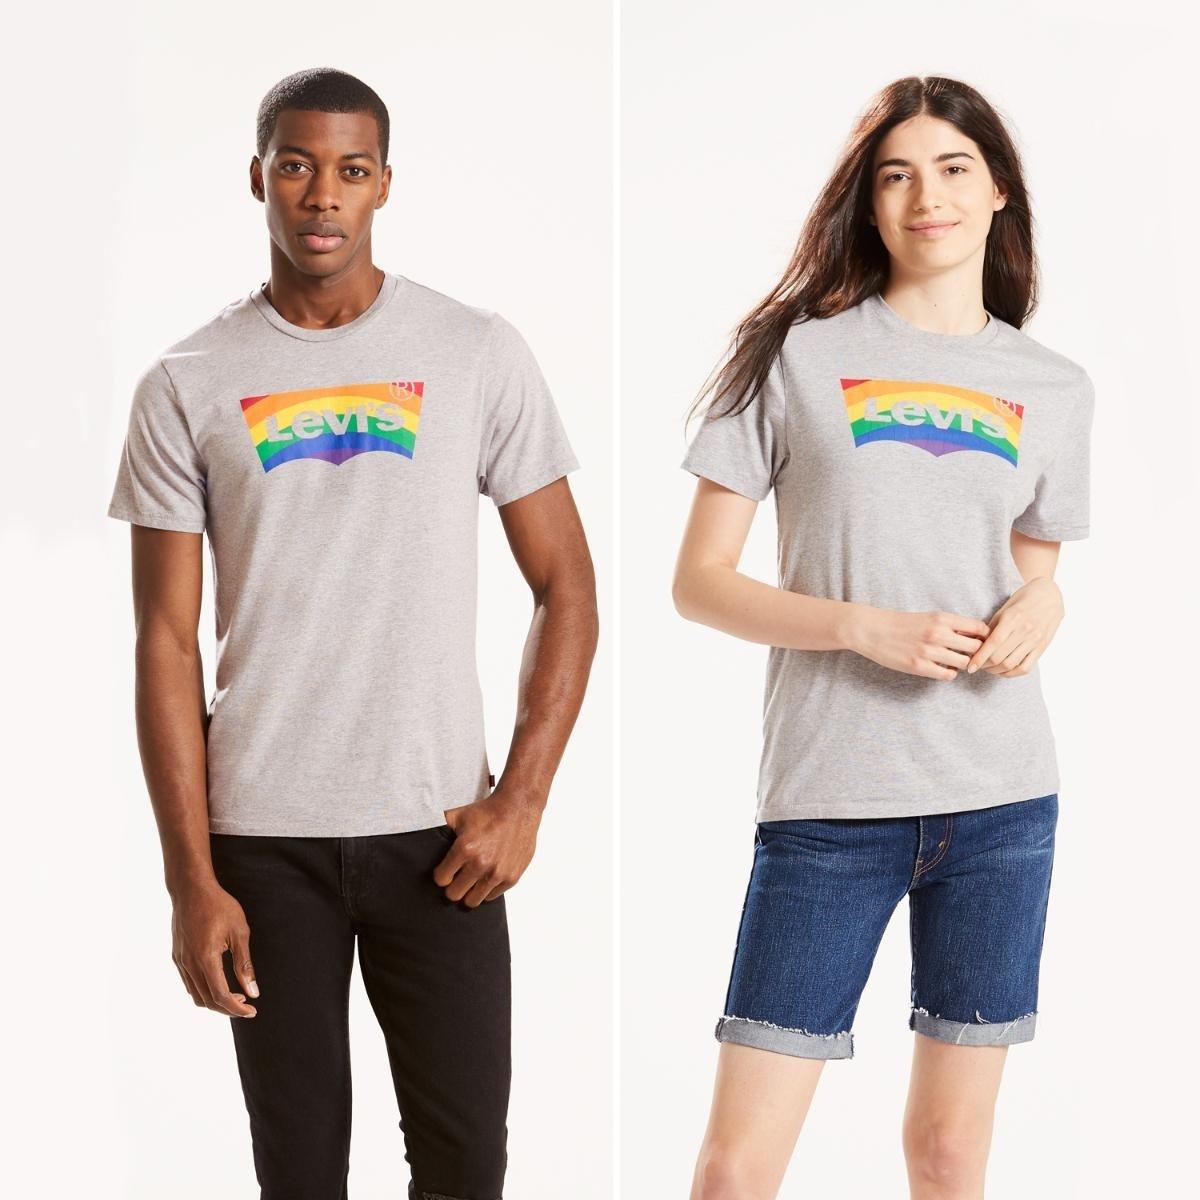 mejor elección precio moderado última venta Camiseta Levis Pride - Cinza